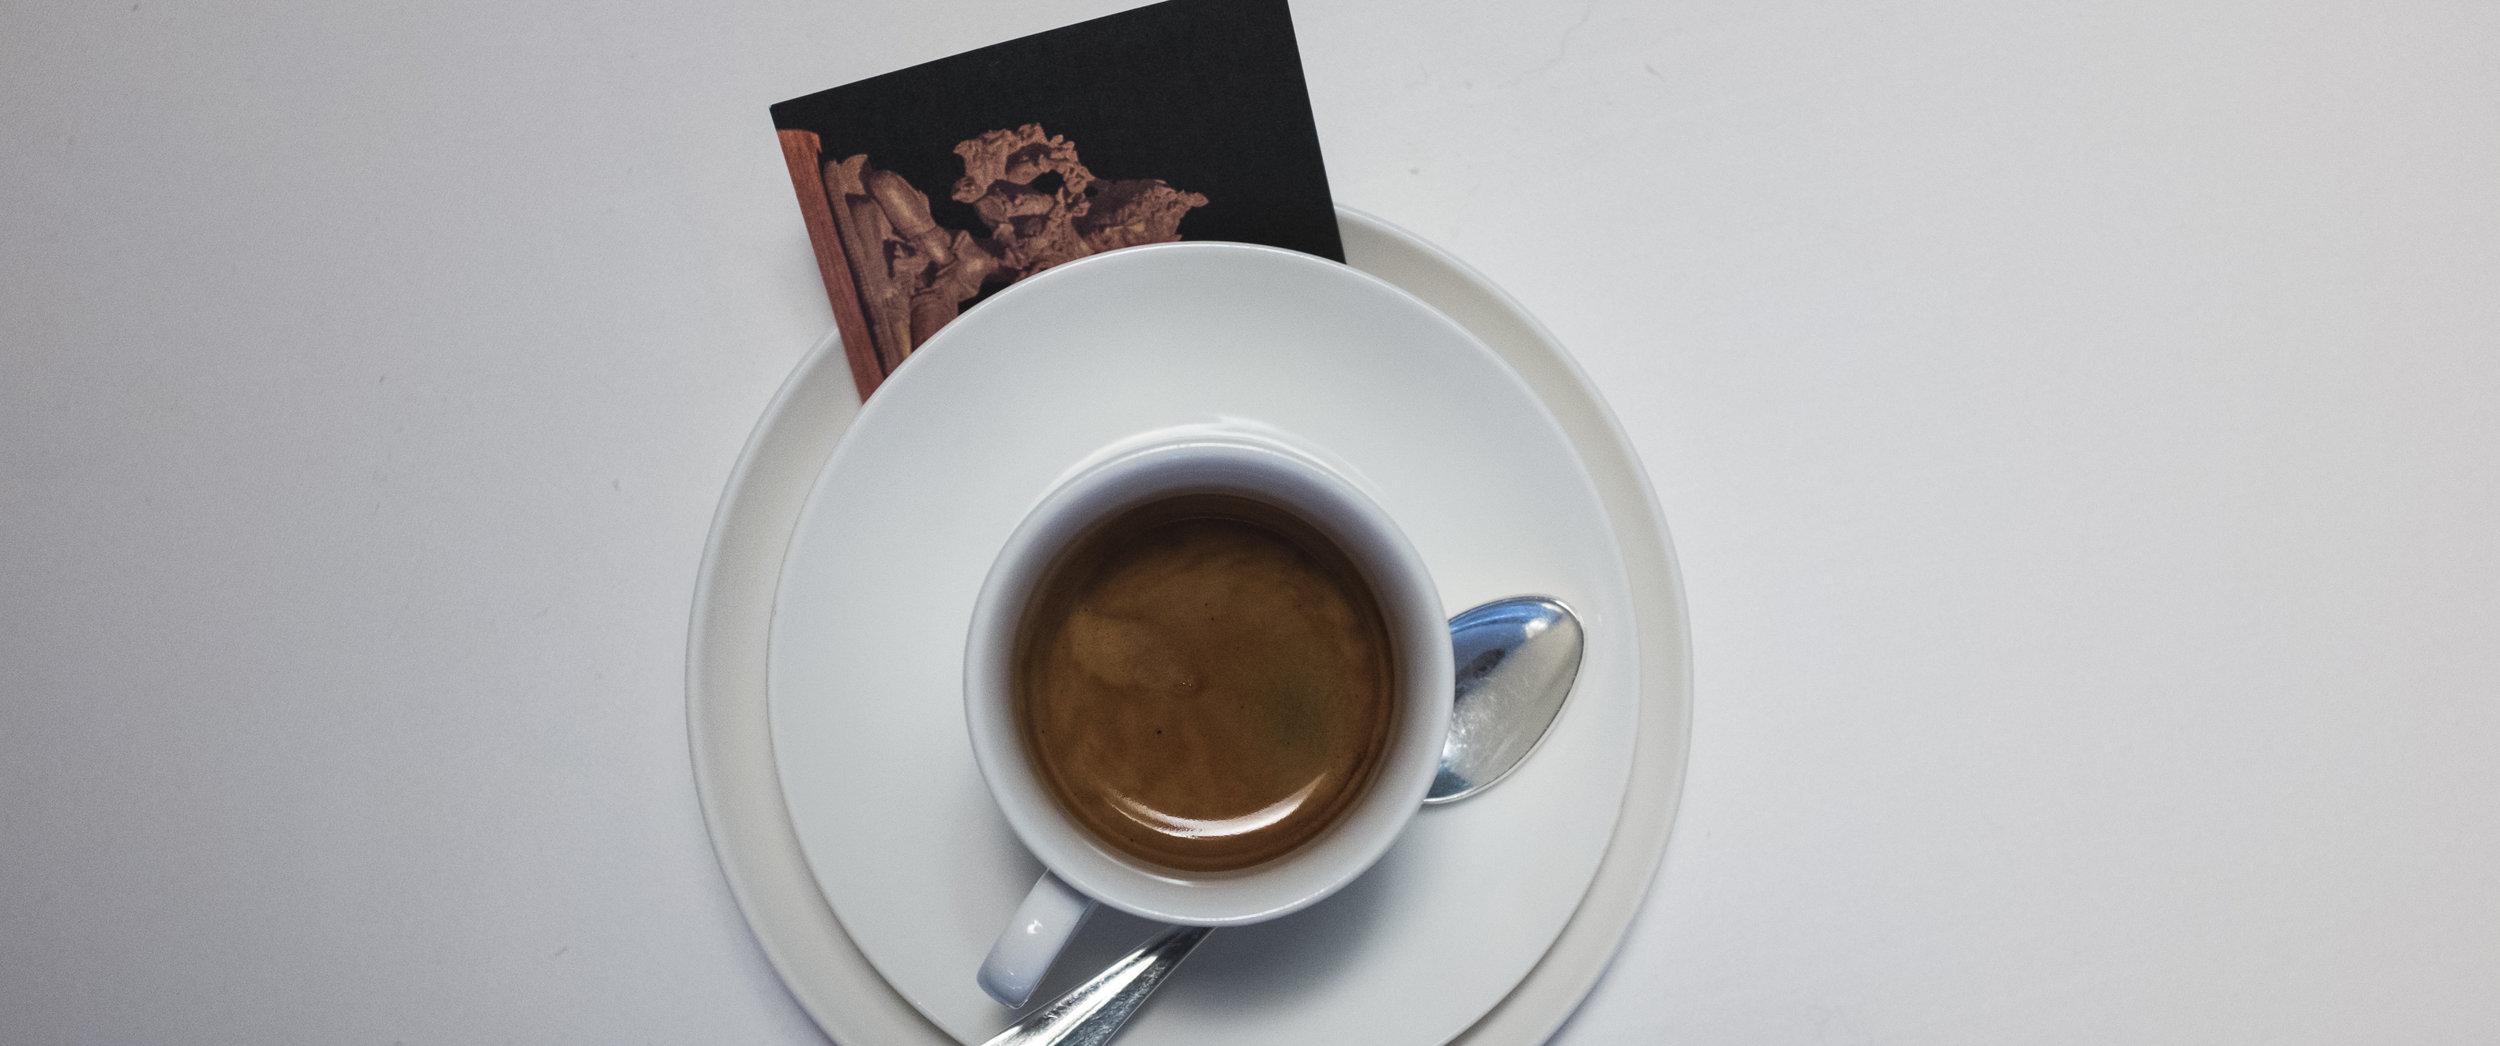 Casual. Espresso time.